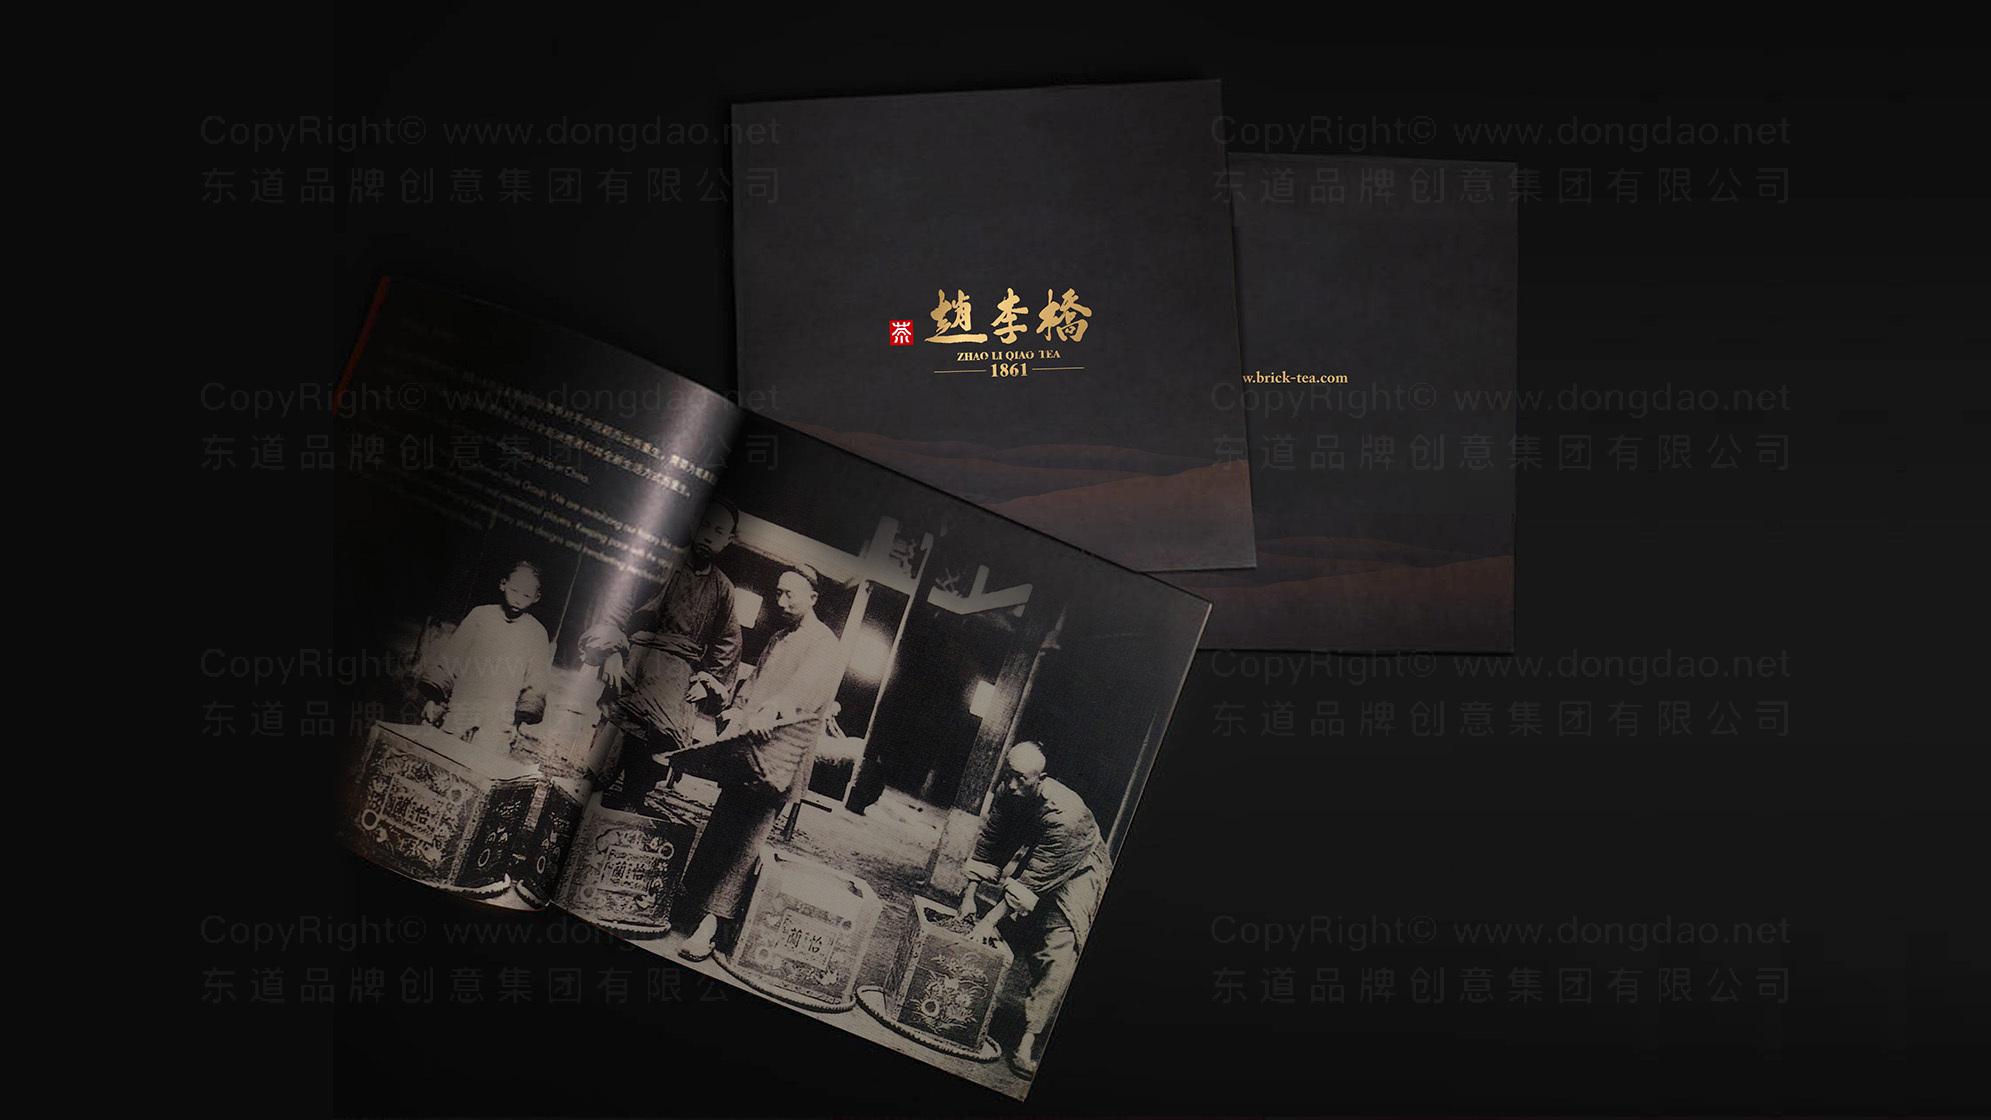 品牌设计赵李桥LOGO&VI设计应用场景_2